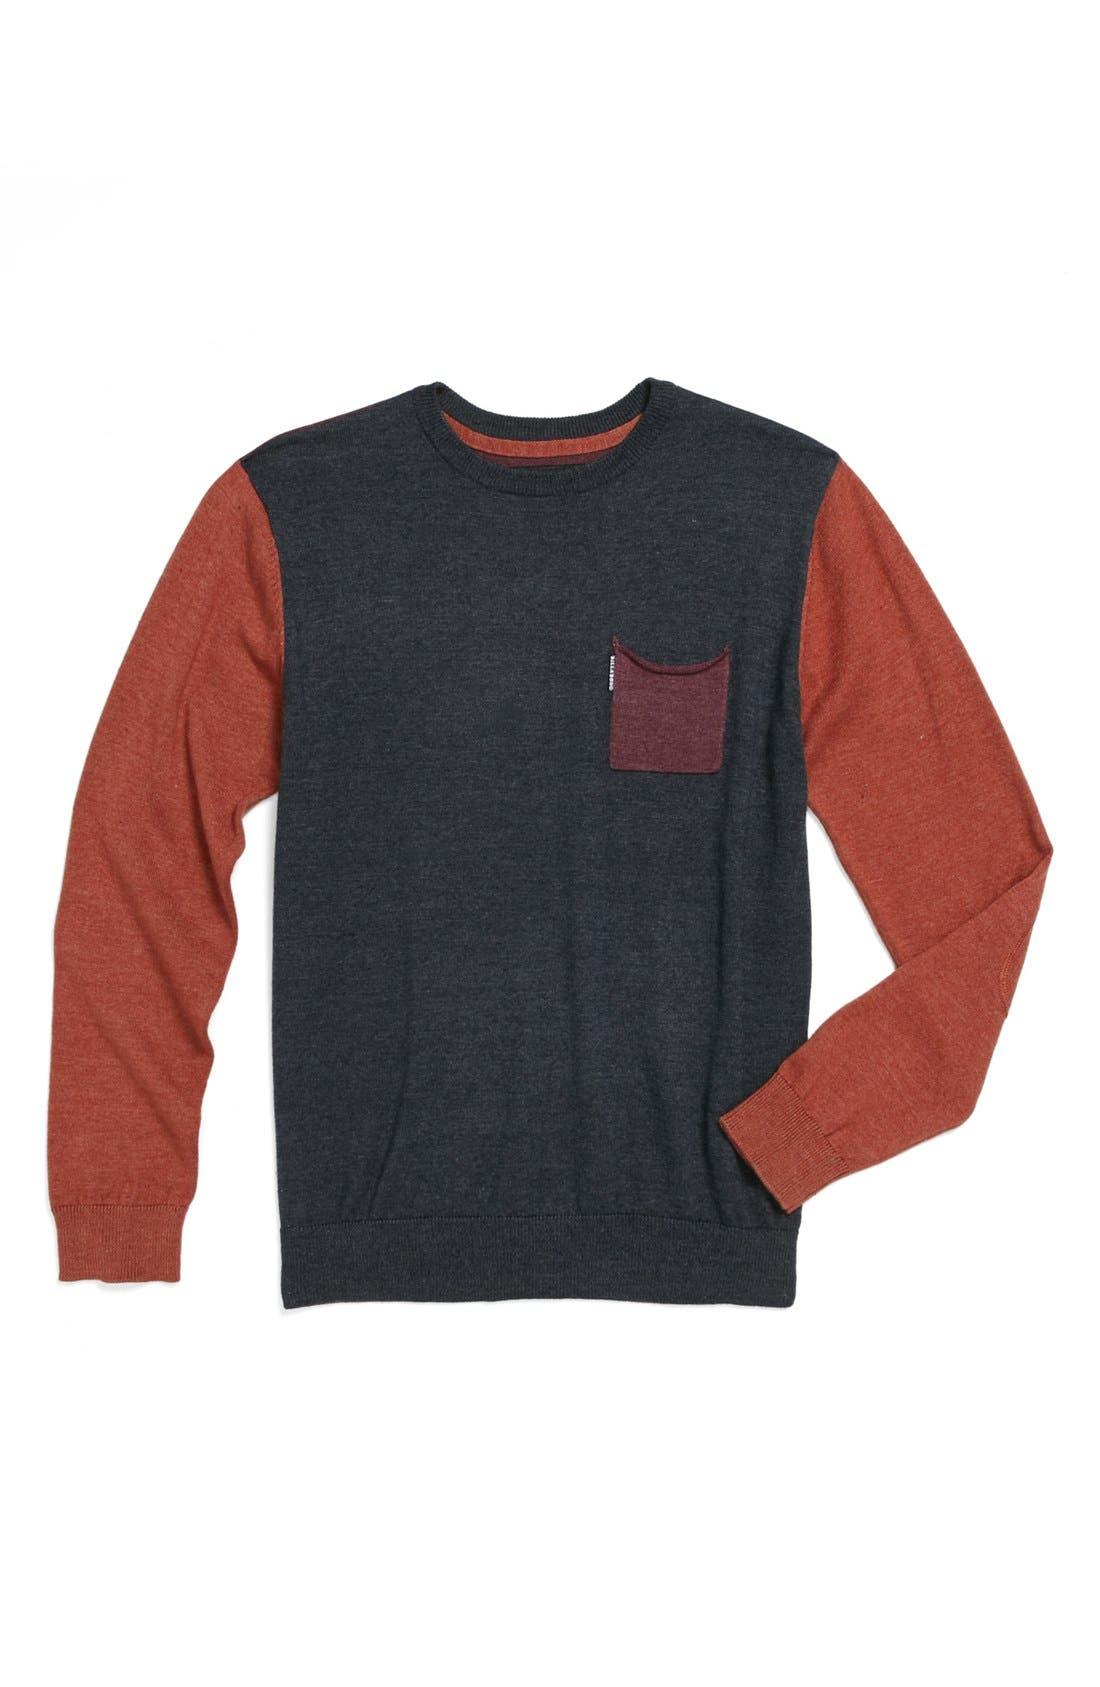 Alternate Image 1 Selected - Billabong 'Distress' Colorblock Crewneck Sweater (Big Boys)